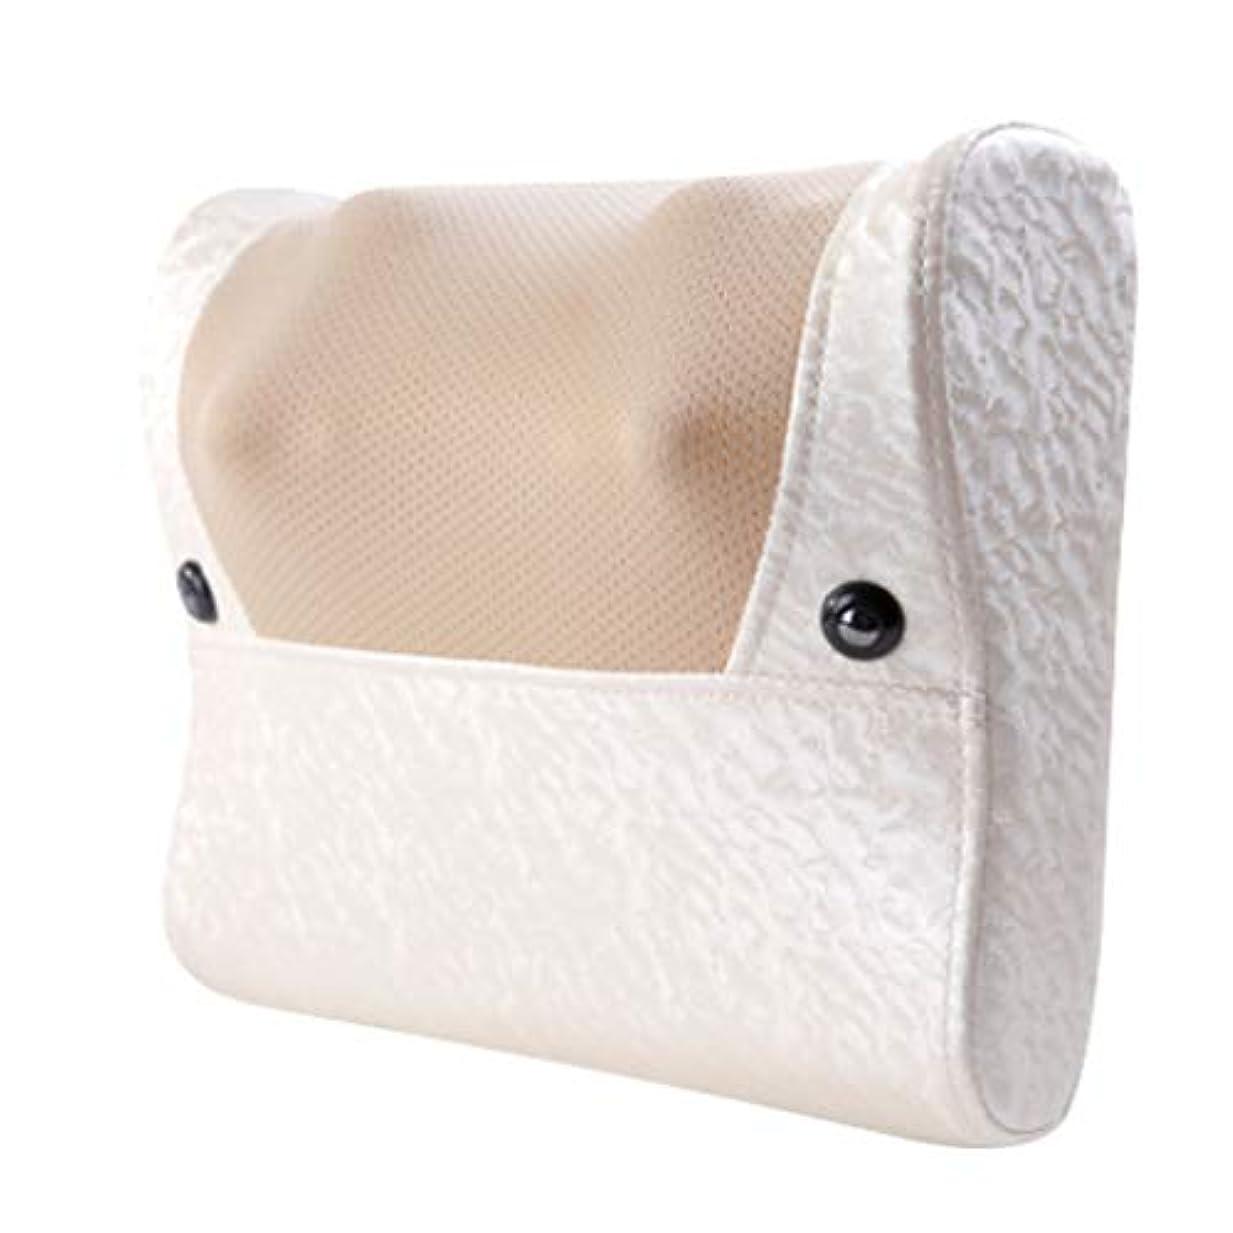 レベル羽かけがえのない8Dネックマッサージャー - 家庭用電動多機能ボディマッサージ、カーパッド、首、肩、腰、脚マッサージ。